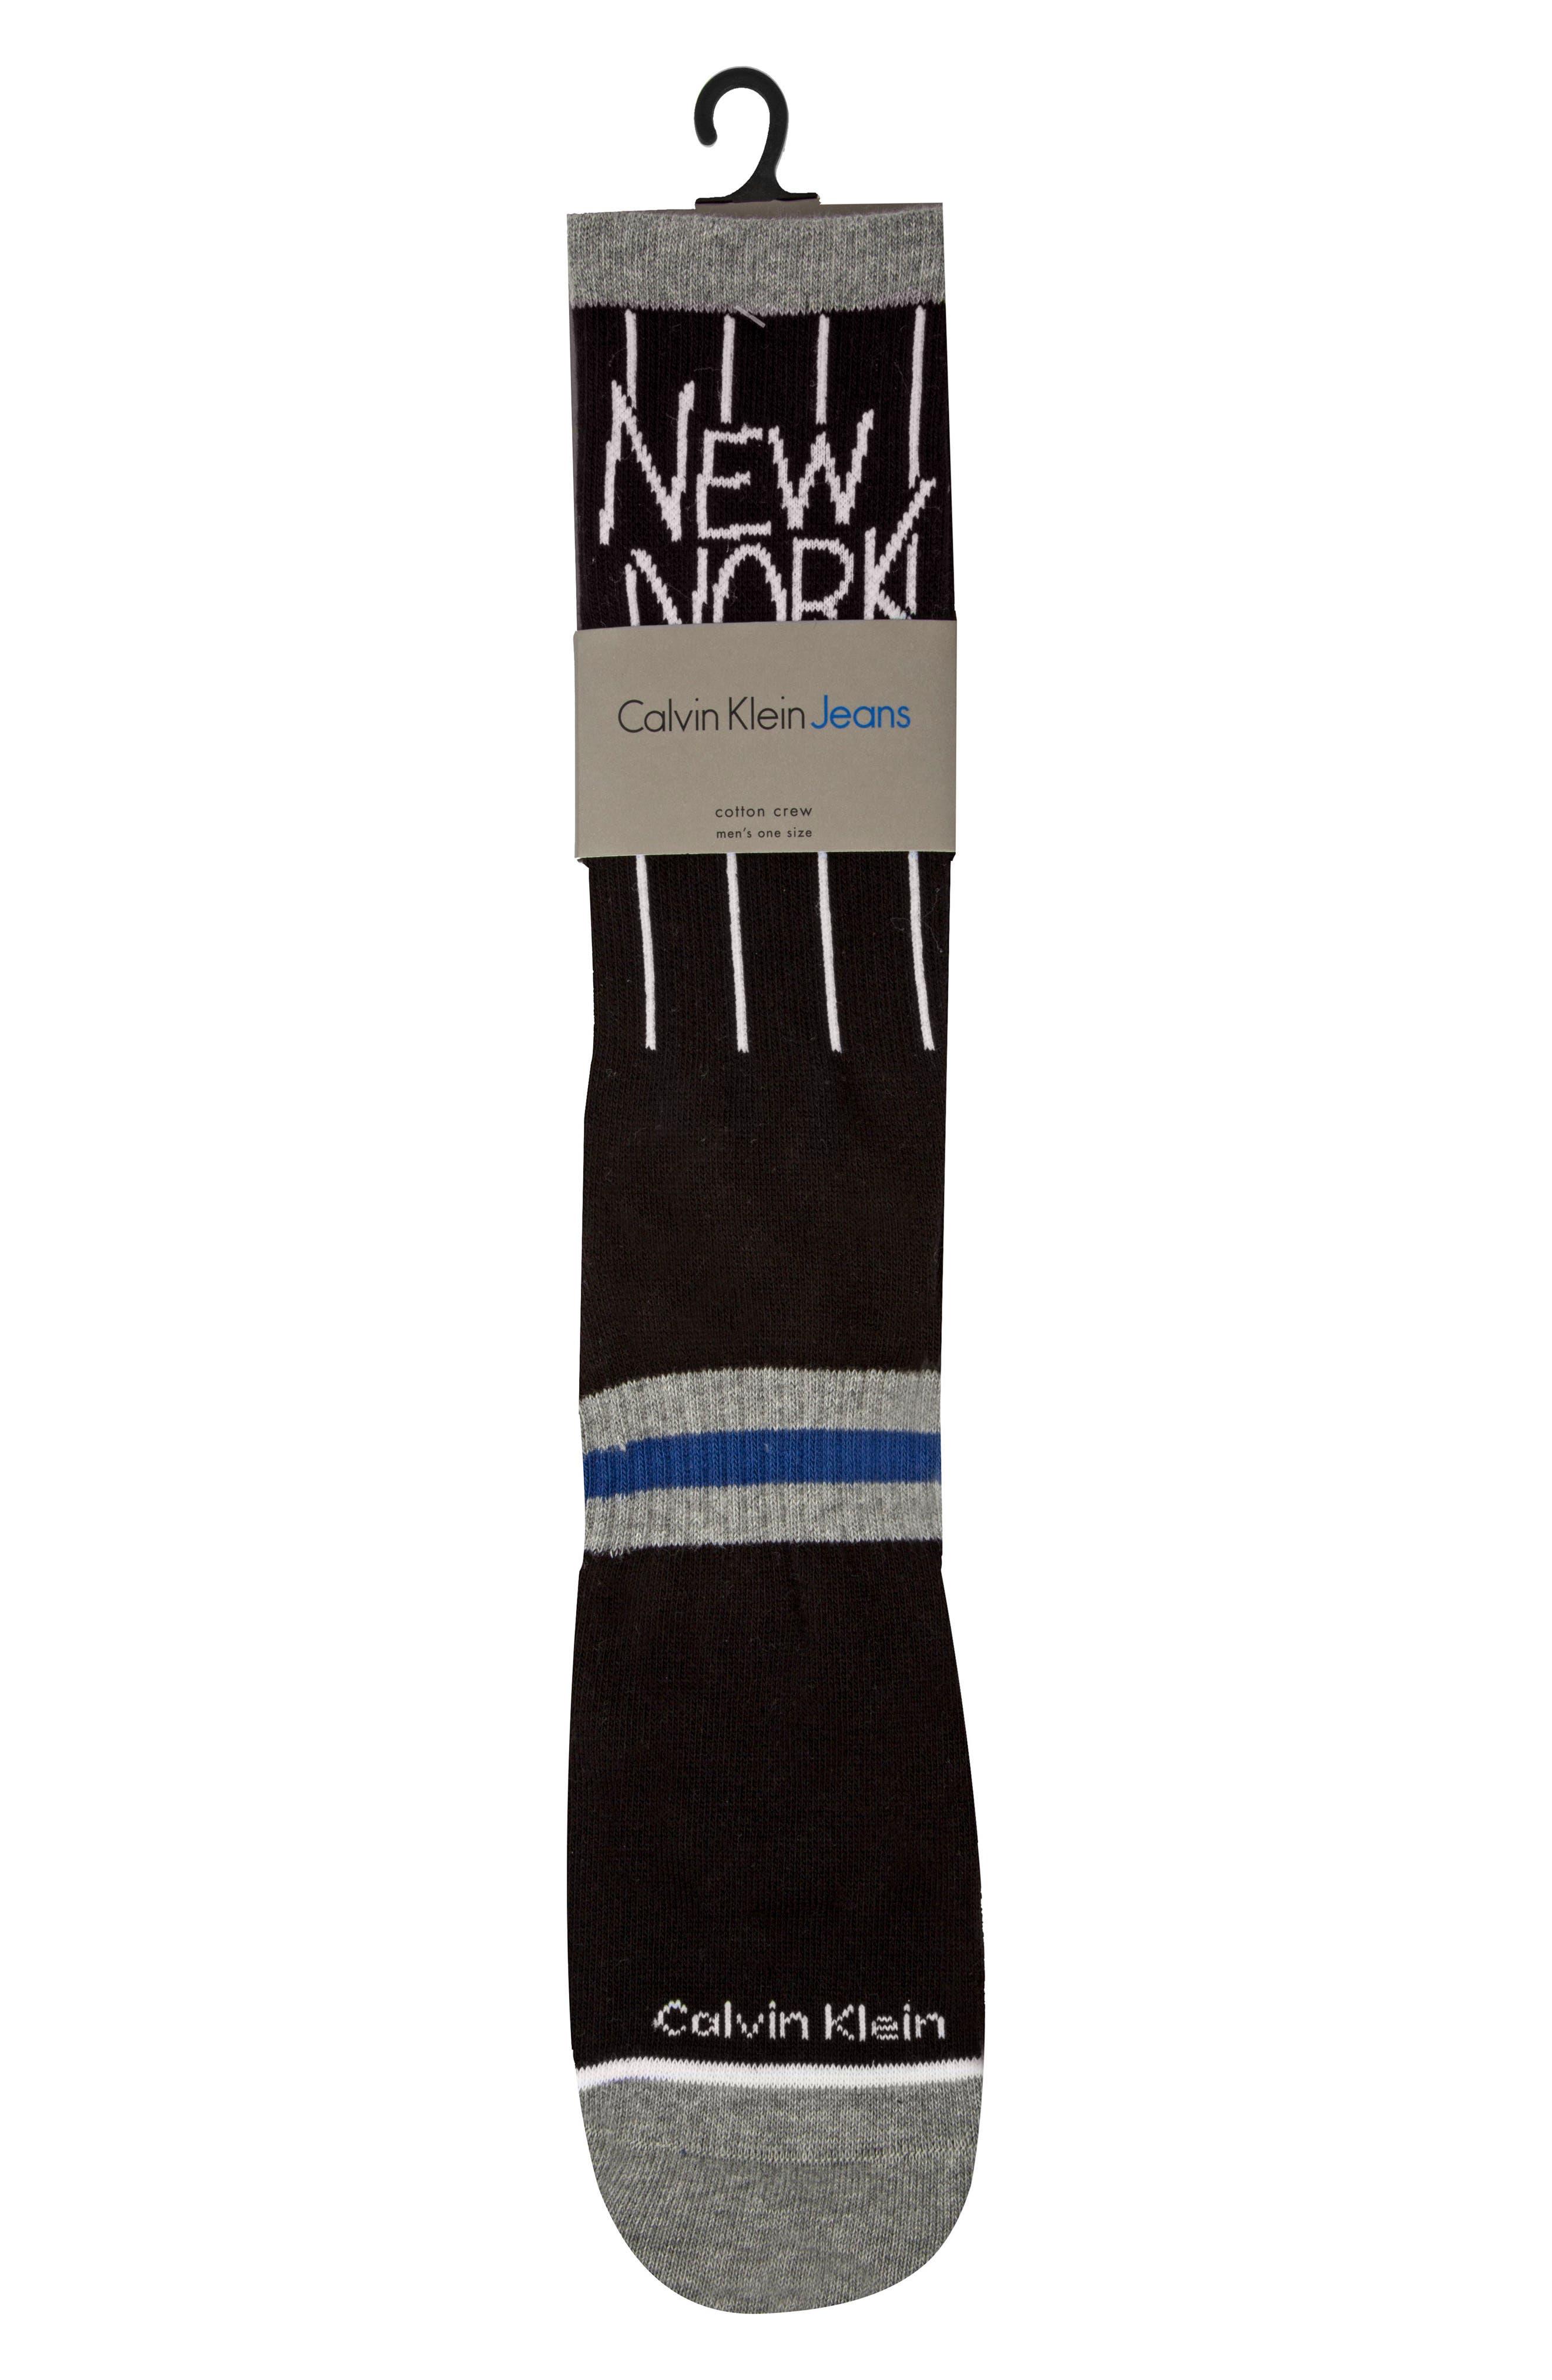 CALVIN KLEIN,                             Team New York Socks,                             Alternate thumbnail 2, color,                             001